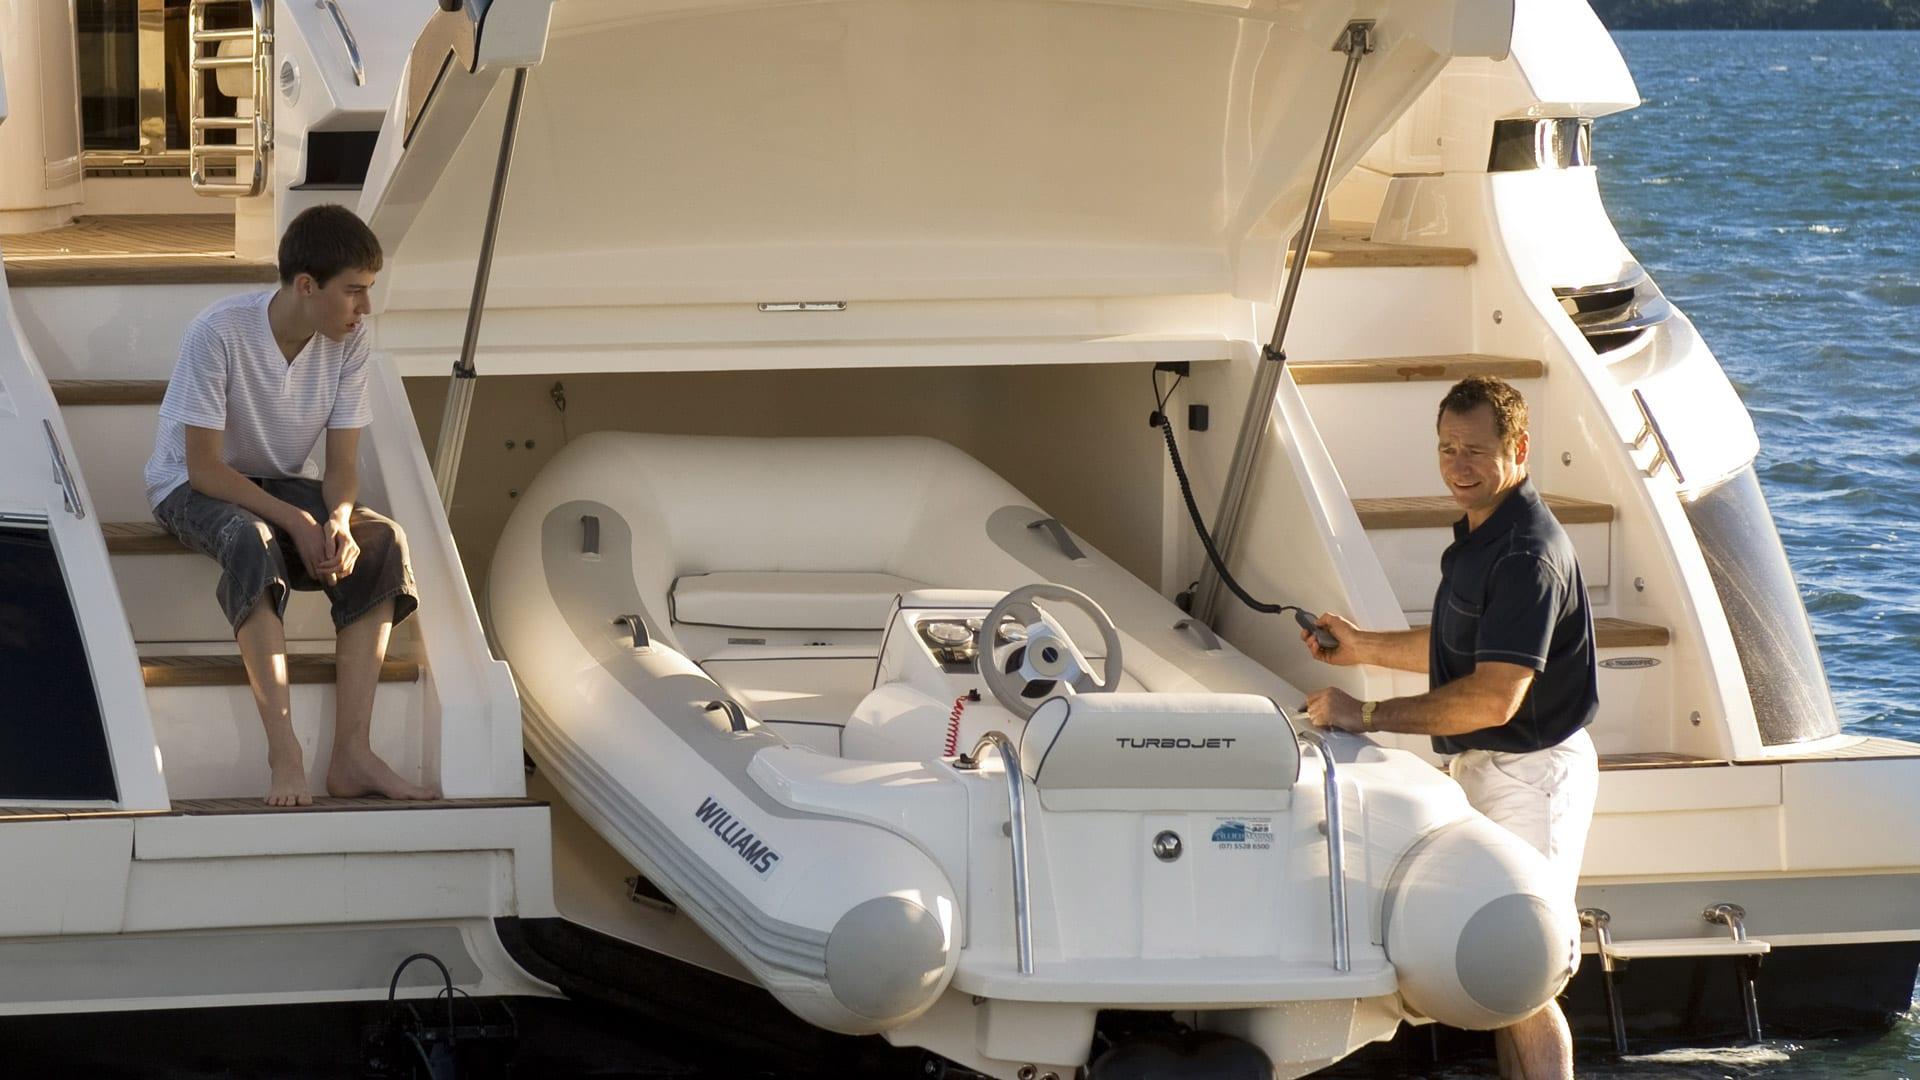 Riviera-6000-Sport-Yacht-Platinum-Edition-Tender-Garage-01